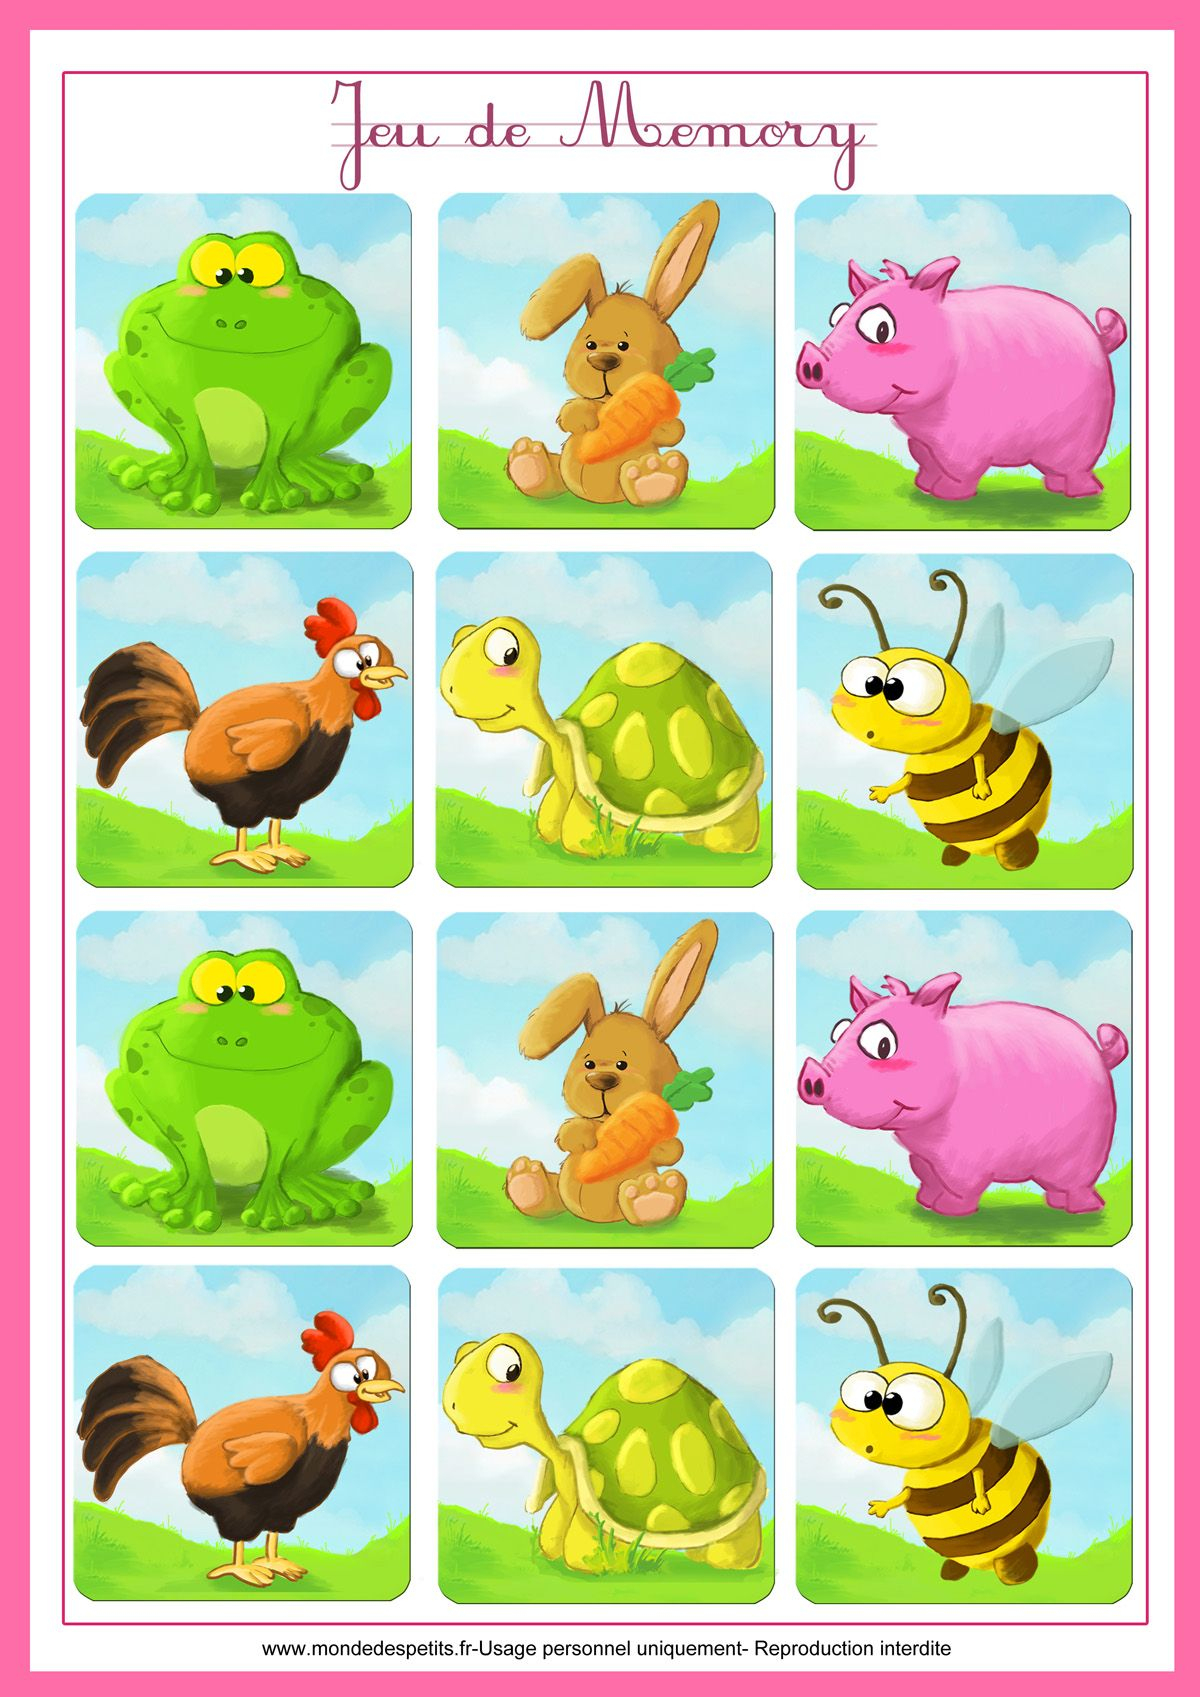 Jeu-Memory-Animaux-Imprimer 1 200×1 697 Пикс | Jeux De intérieur Jeux De Memoire Enfant